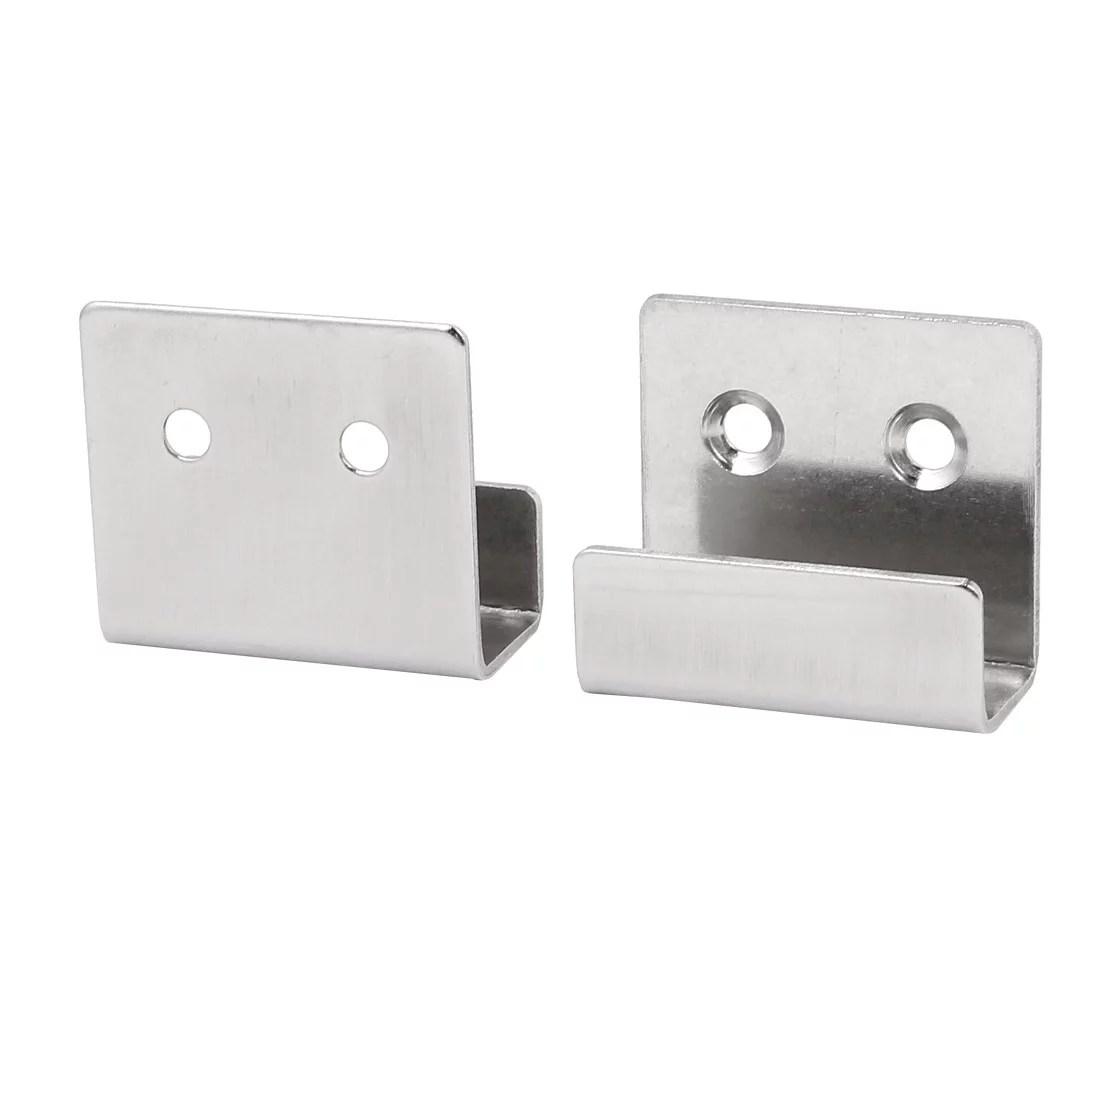 stainless steel wall hanger bracket rack holder 2pcs for ceramic tile display